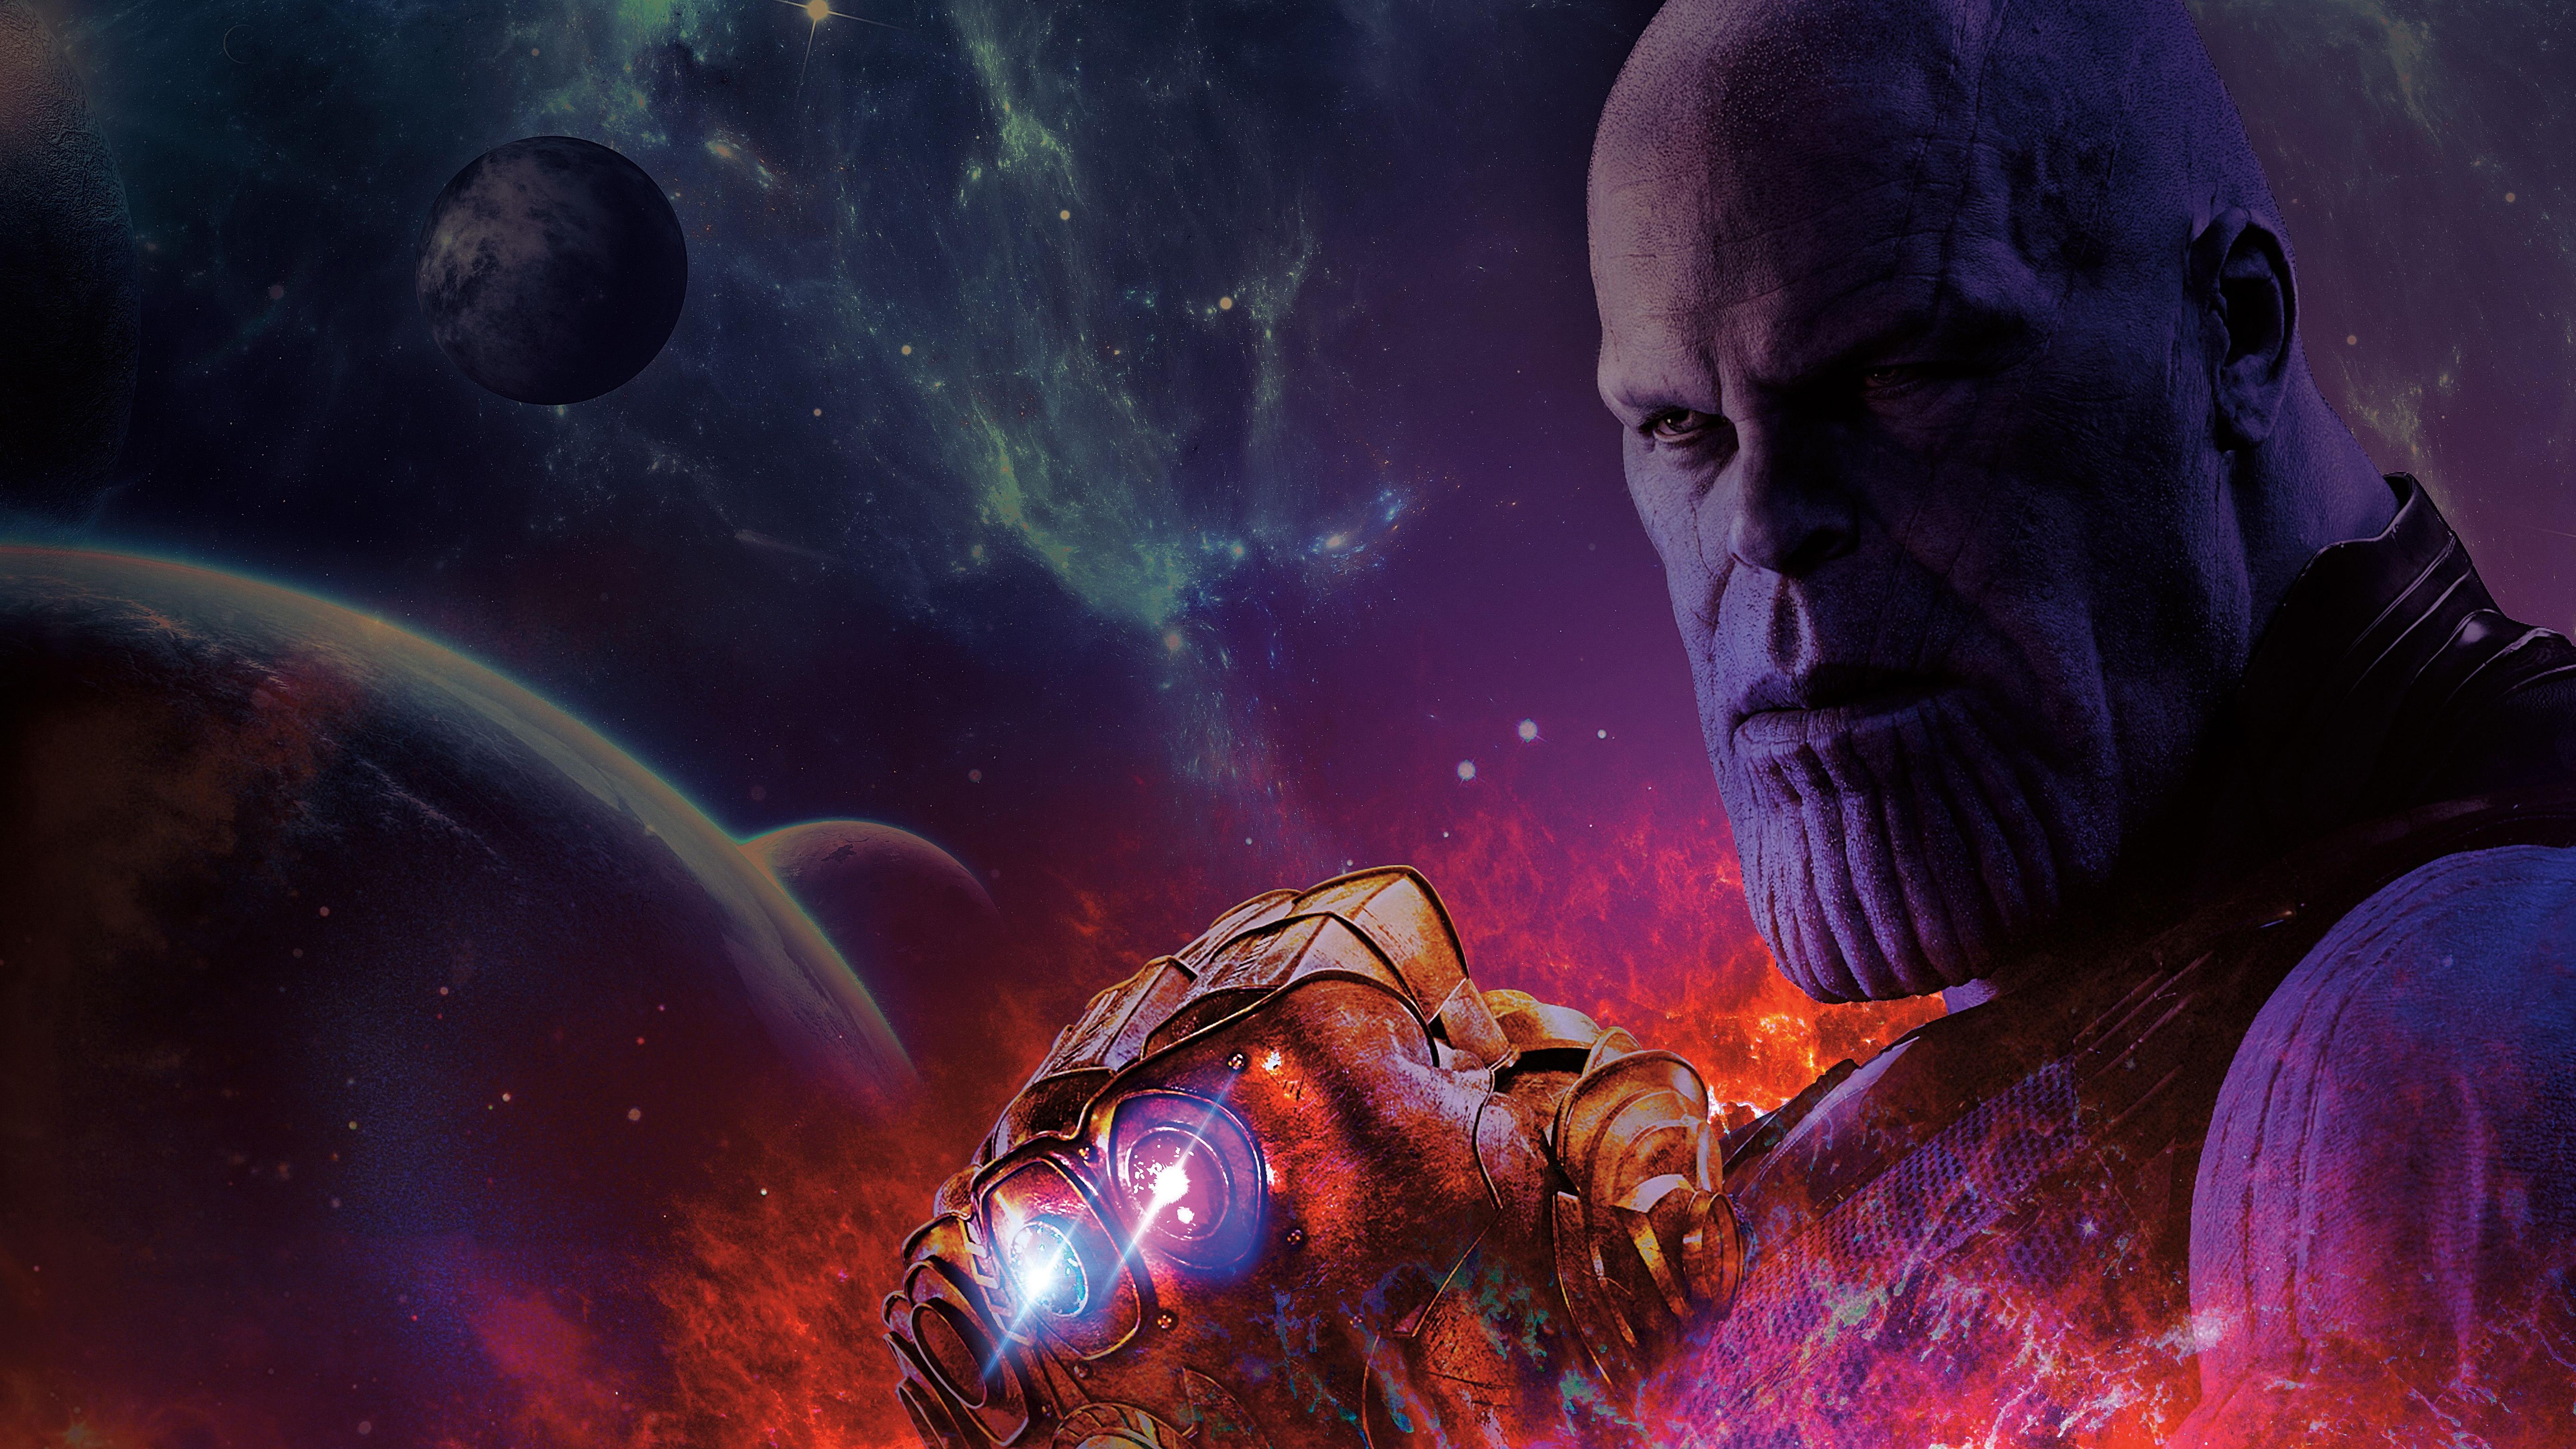 thanos-avengers-4-8k-0k.jpg